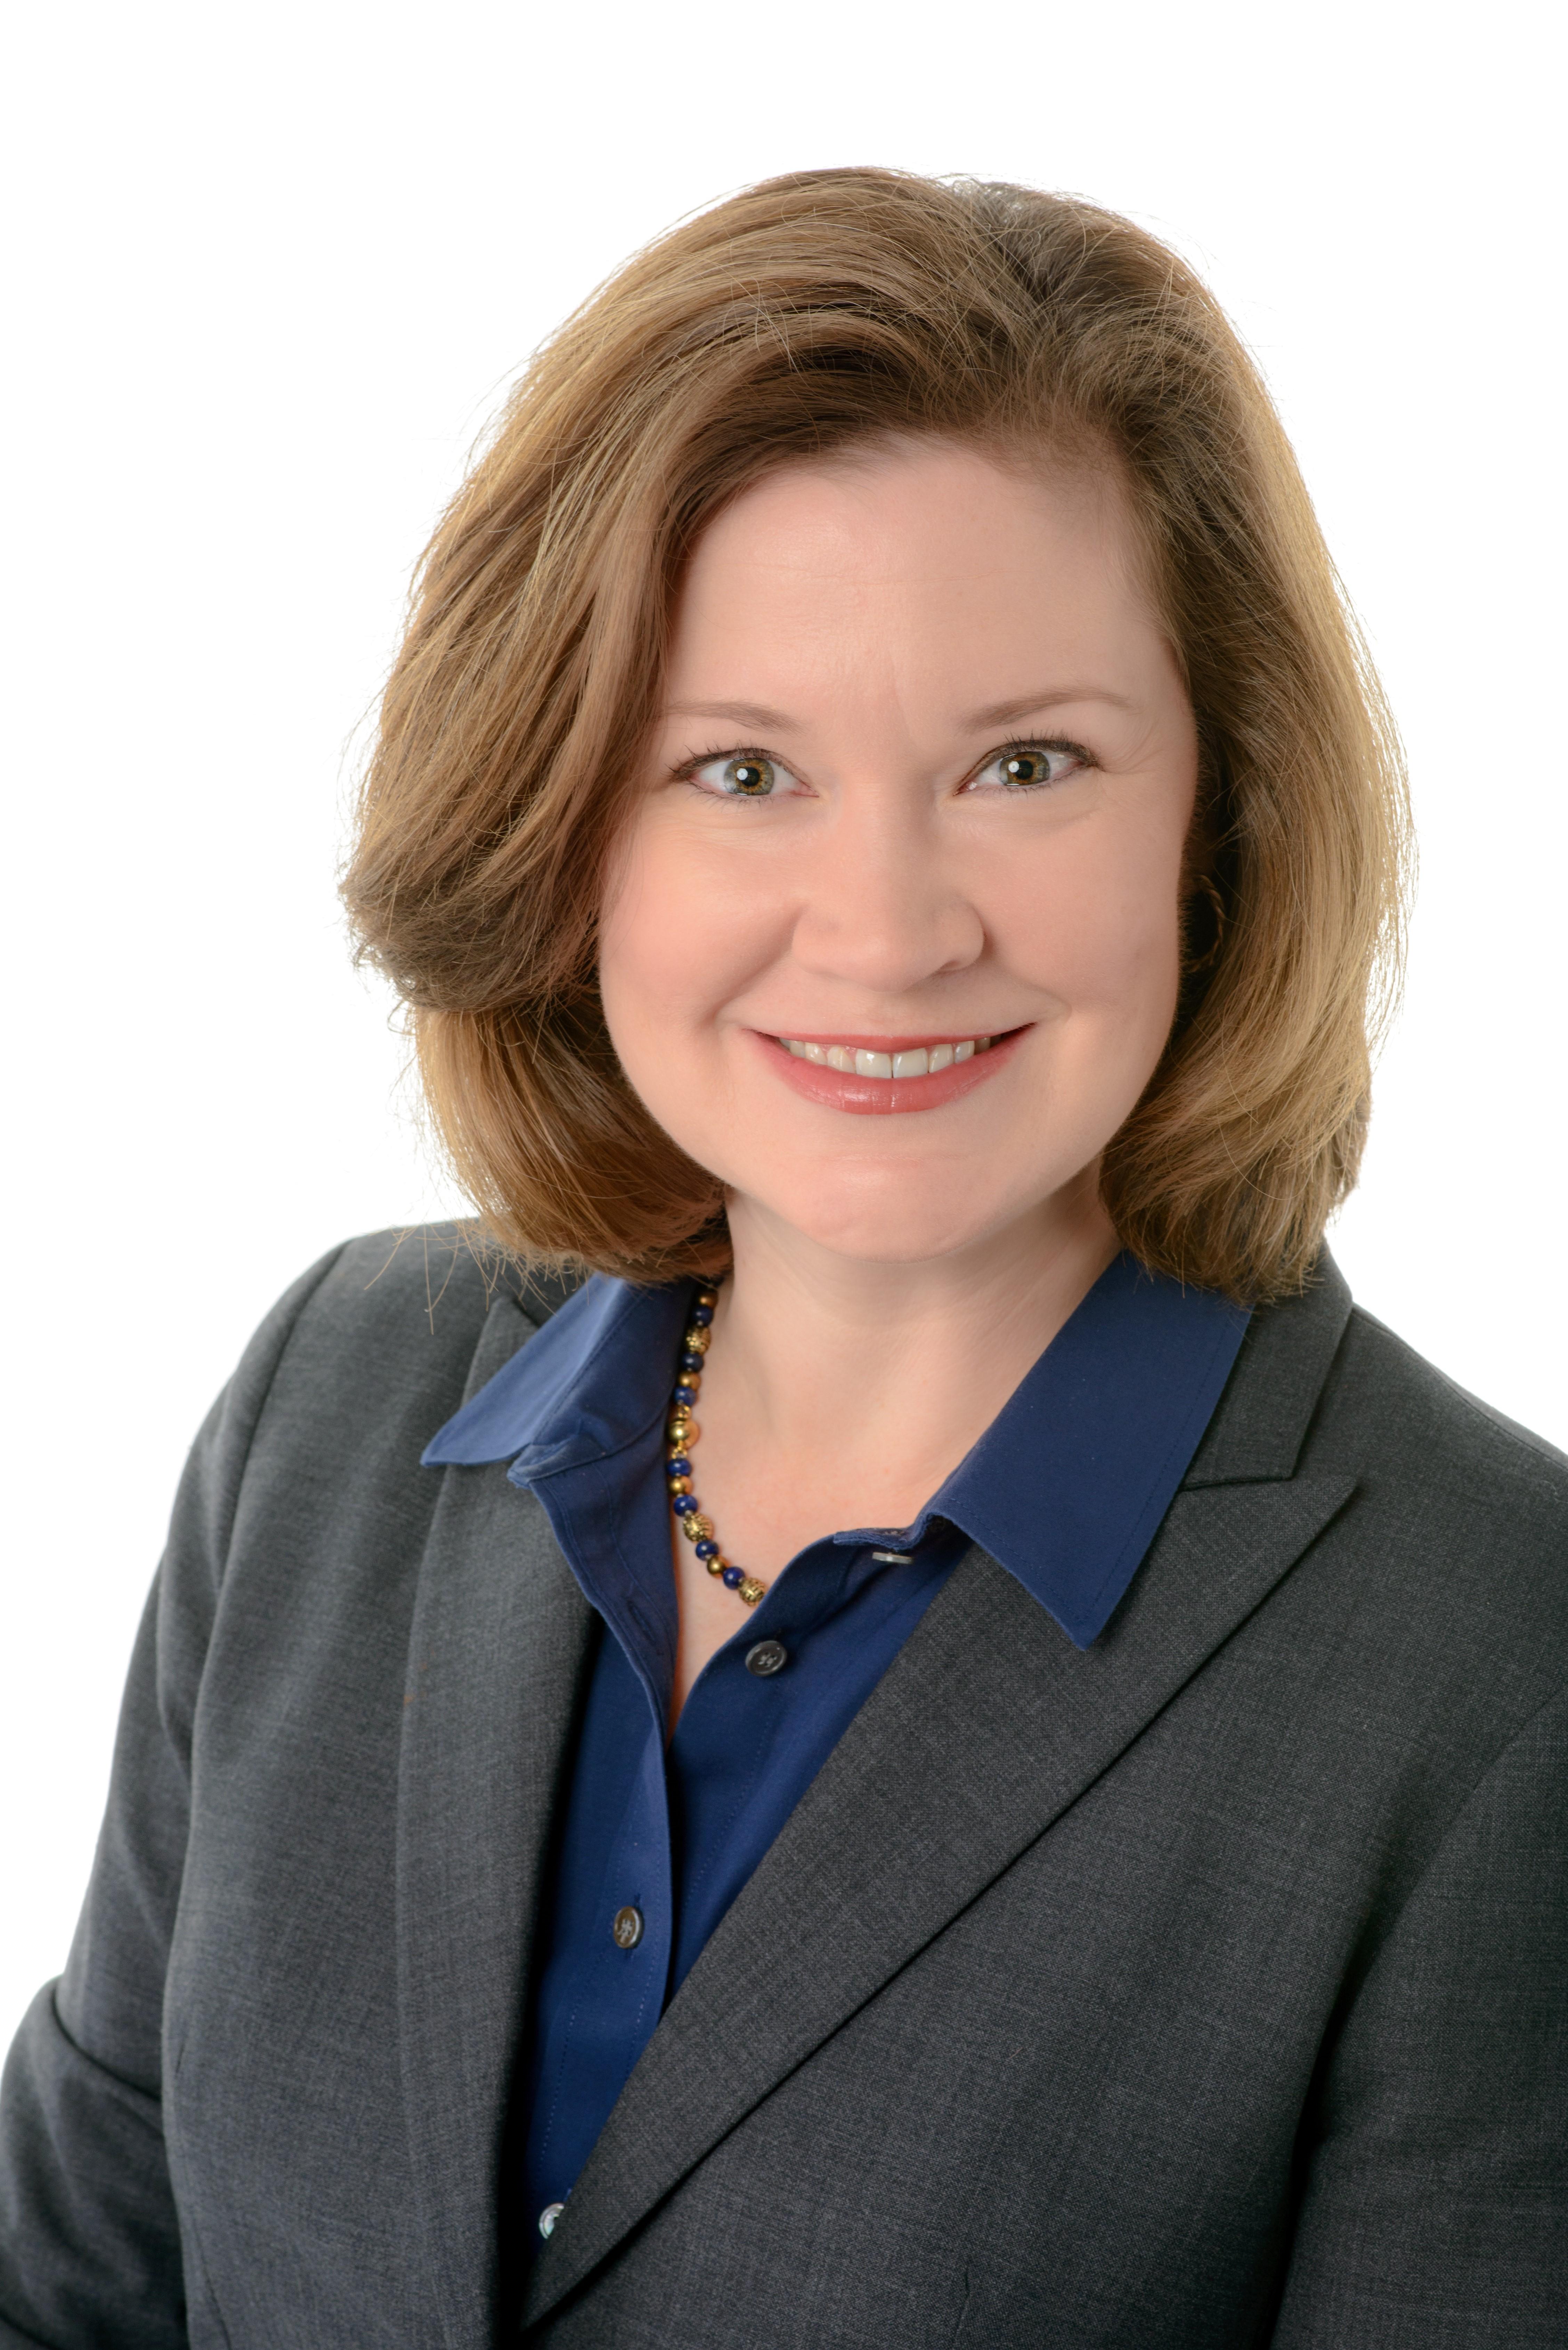 Beth Fischer JD, CFRE